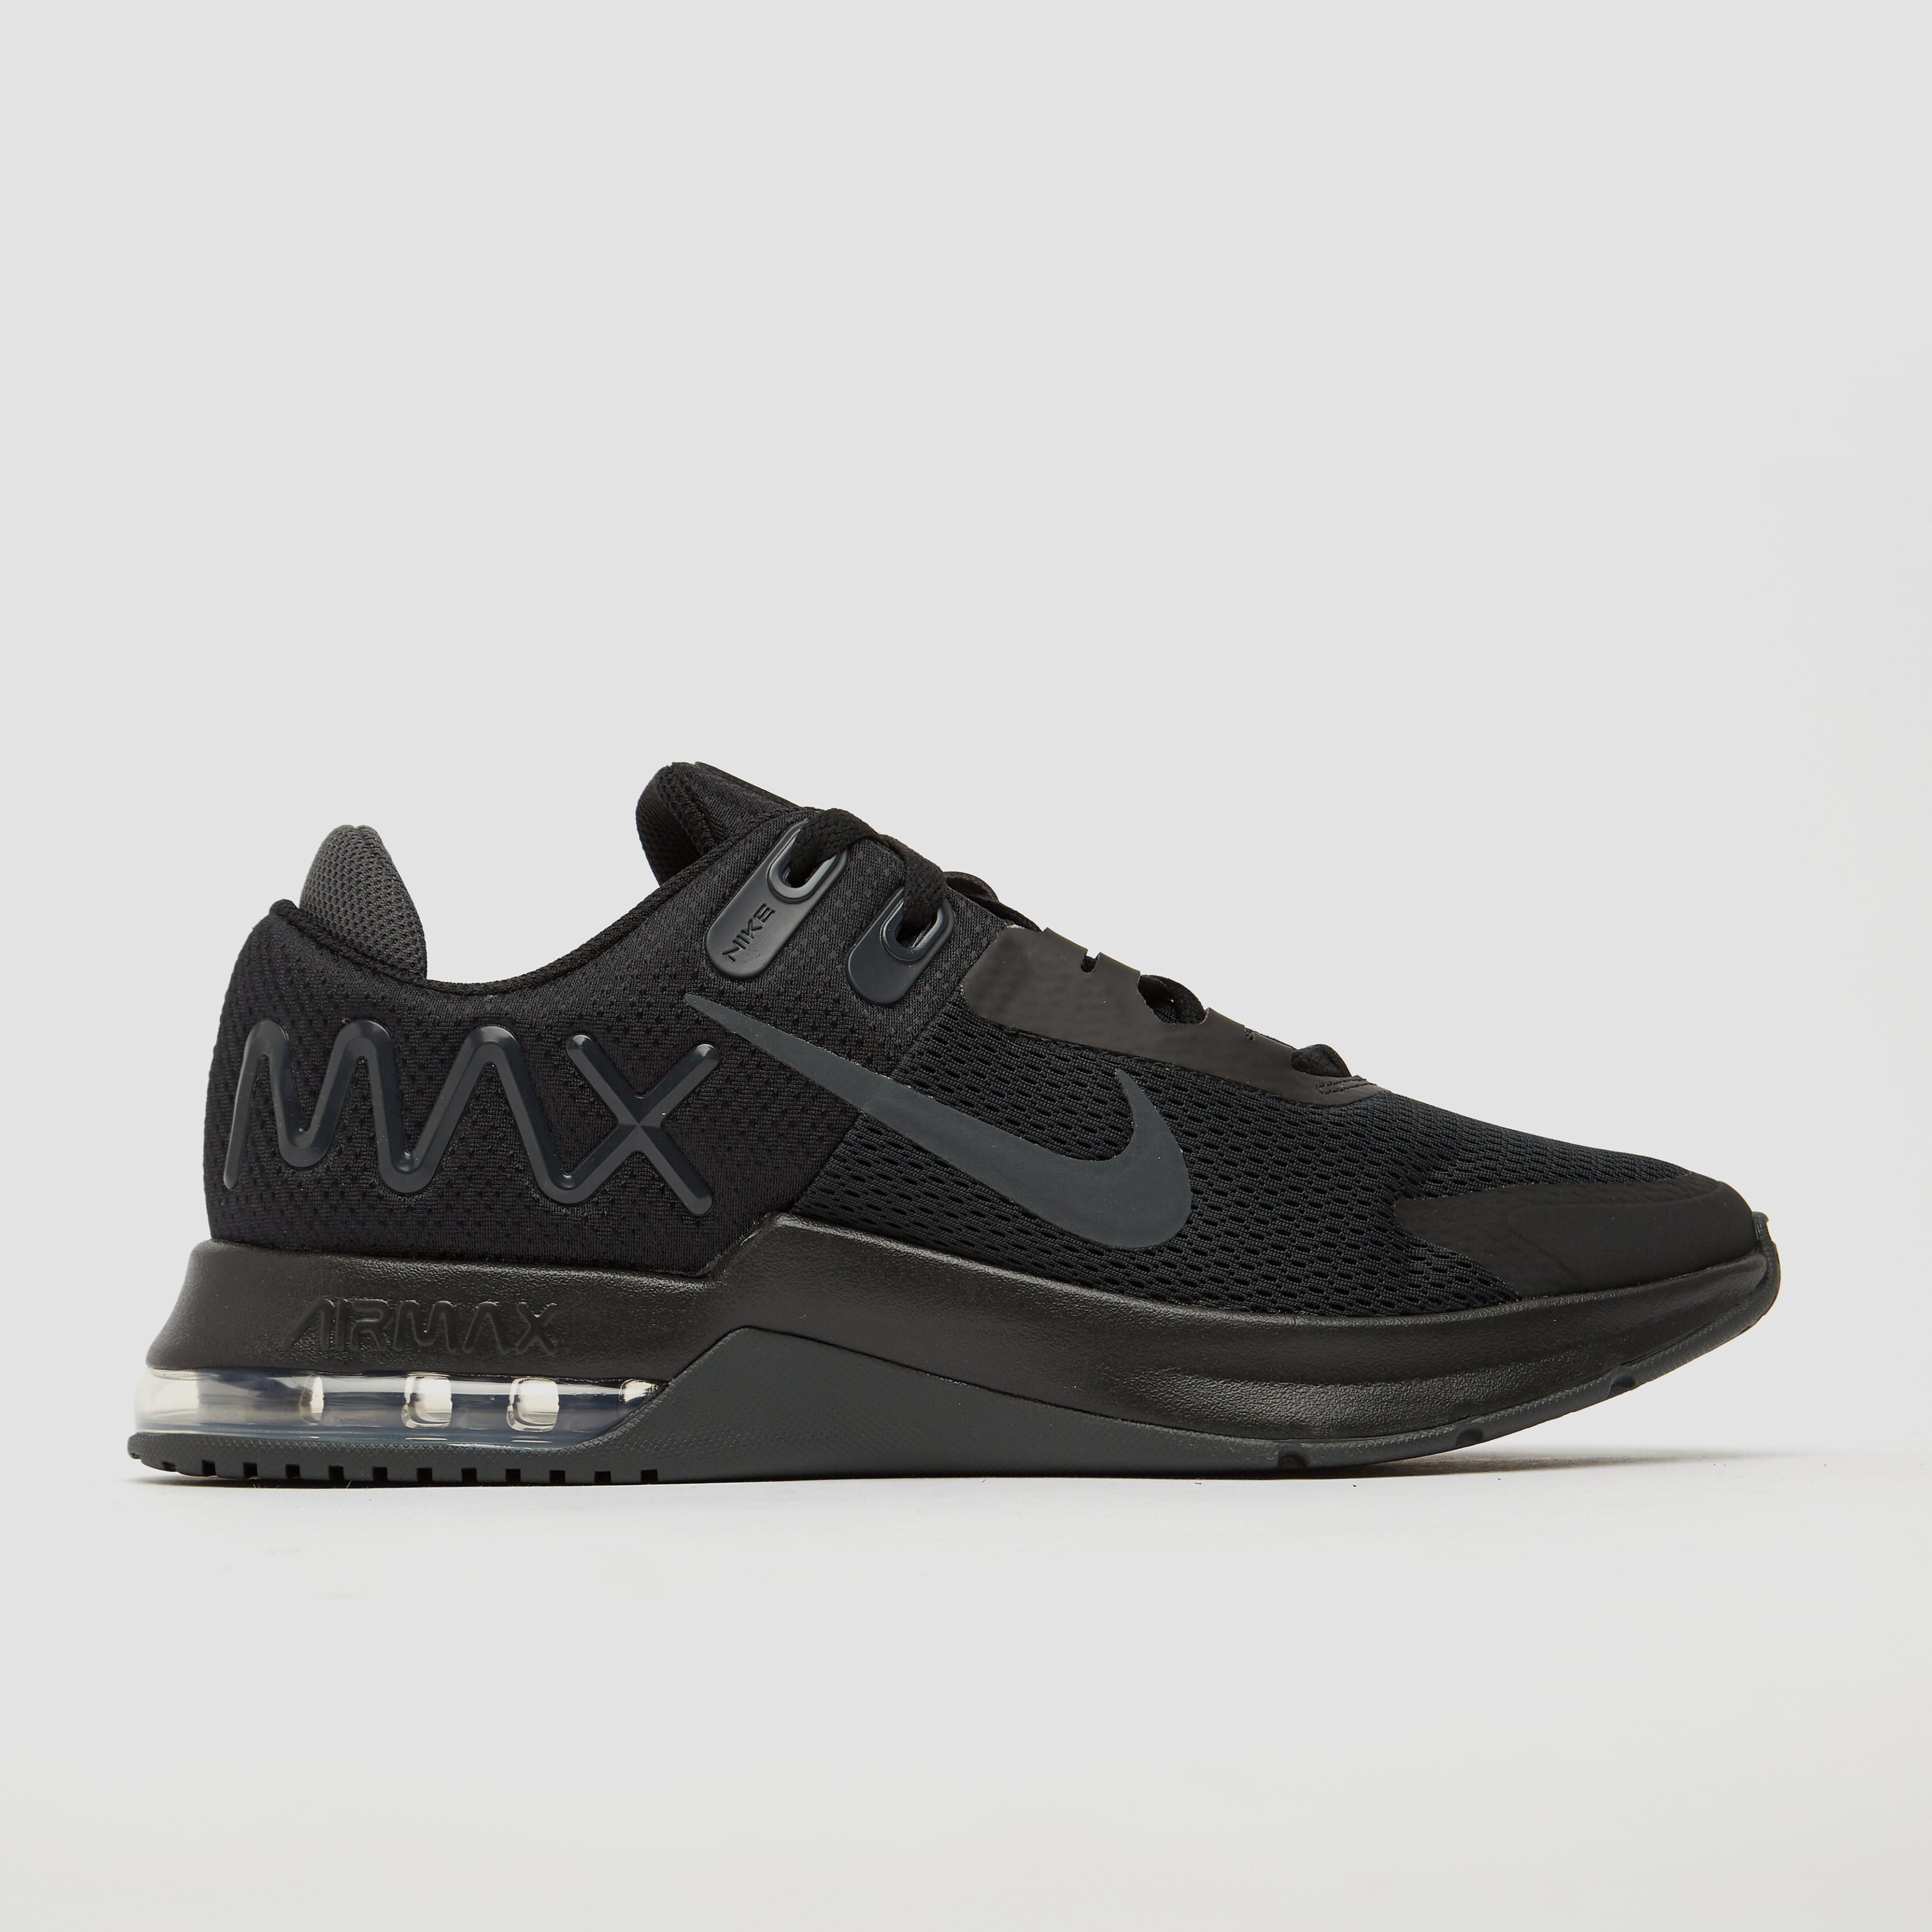 Nike Air Max Alpha Trainer 4 Trainingsschoen voor heren Black/Anthracite/Black Heren online kopen